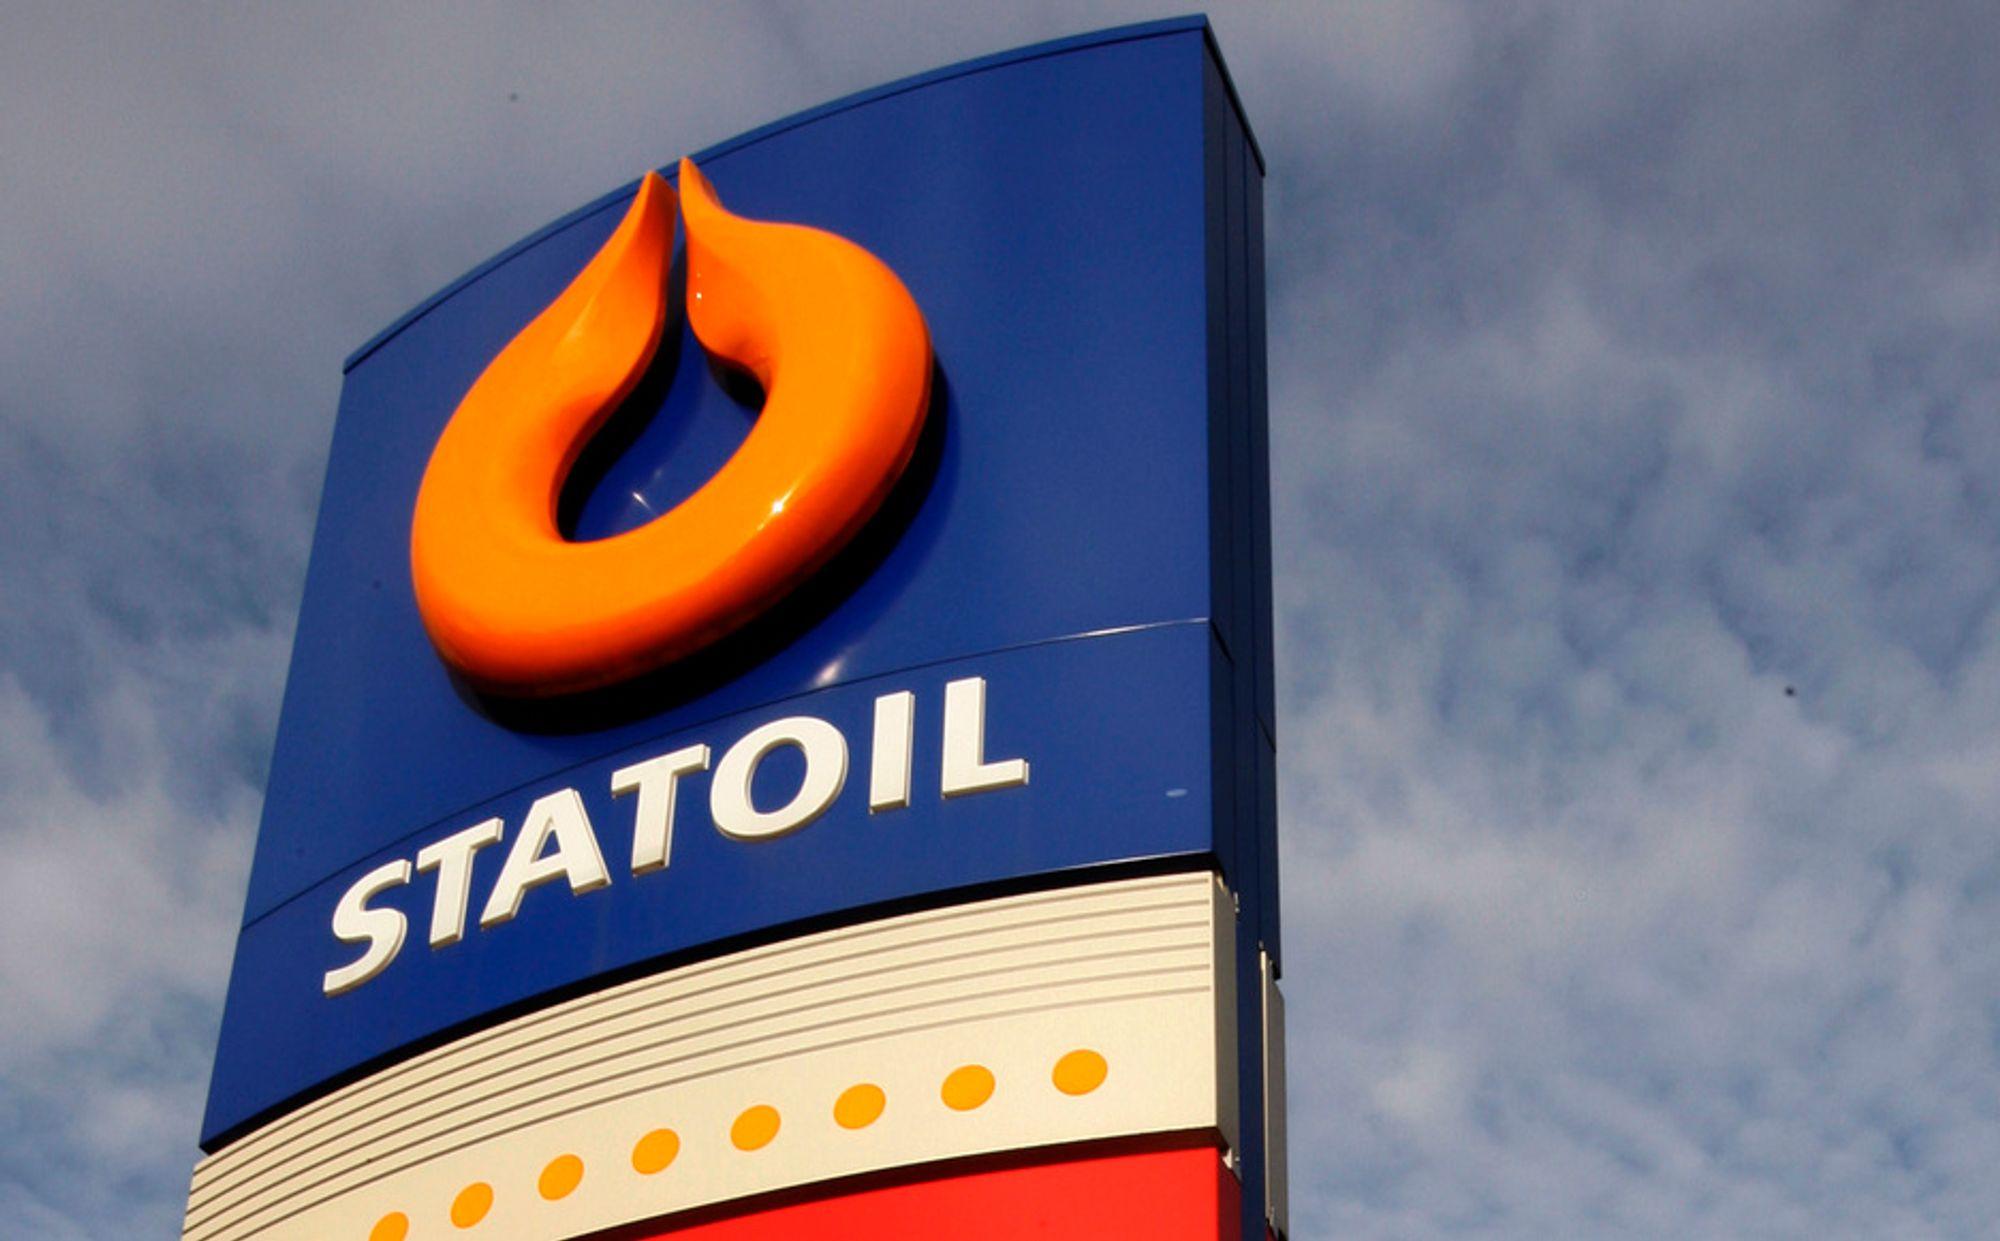 ENDRER NAVN: Statoil er tilbake - nå som energiselskap. Styret i selskapet foreslår at generalforsamlingen sier ja til navnet Statoil den 19. mai.